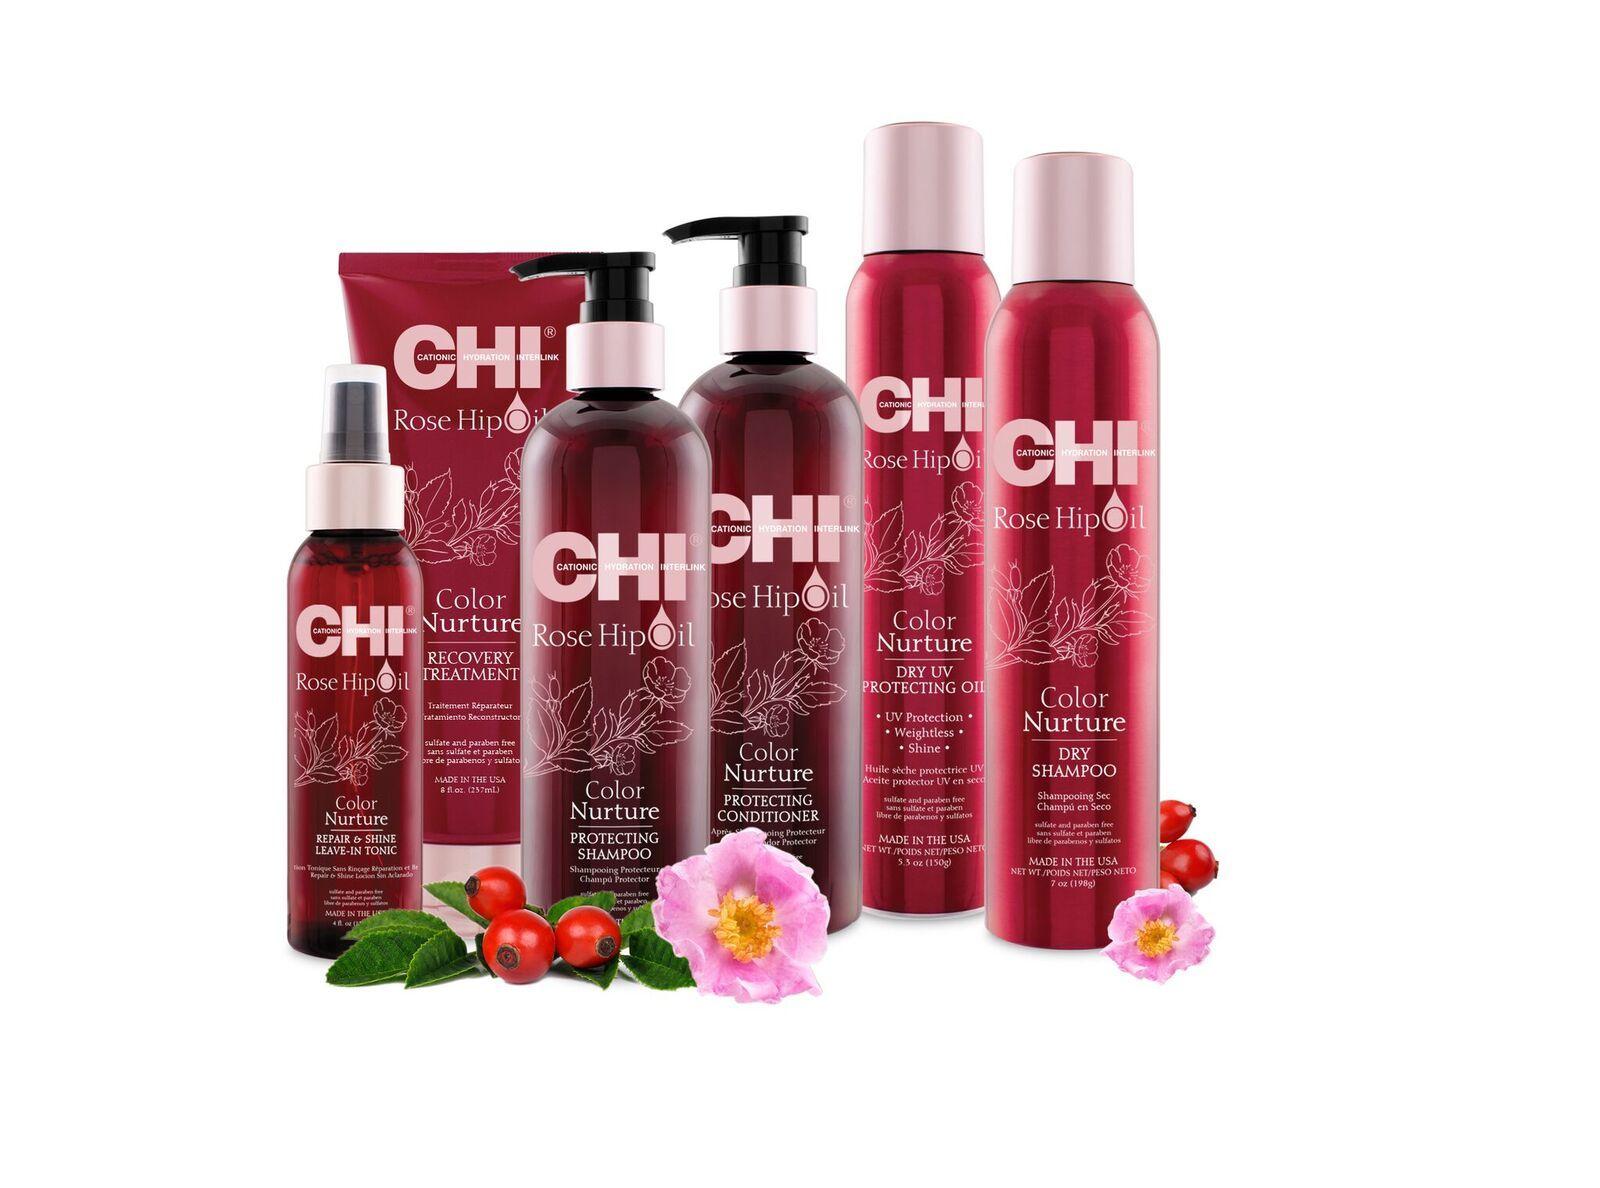 CHI ROSE HIP OIL COLOR NURTURE / Линия для окрашенных волос с маслом шиповника